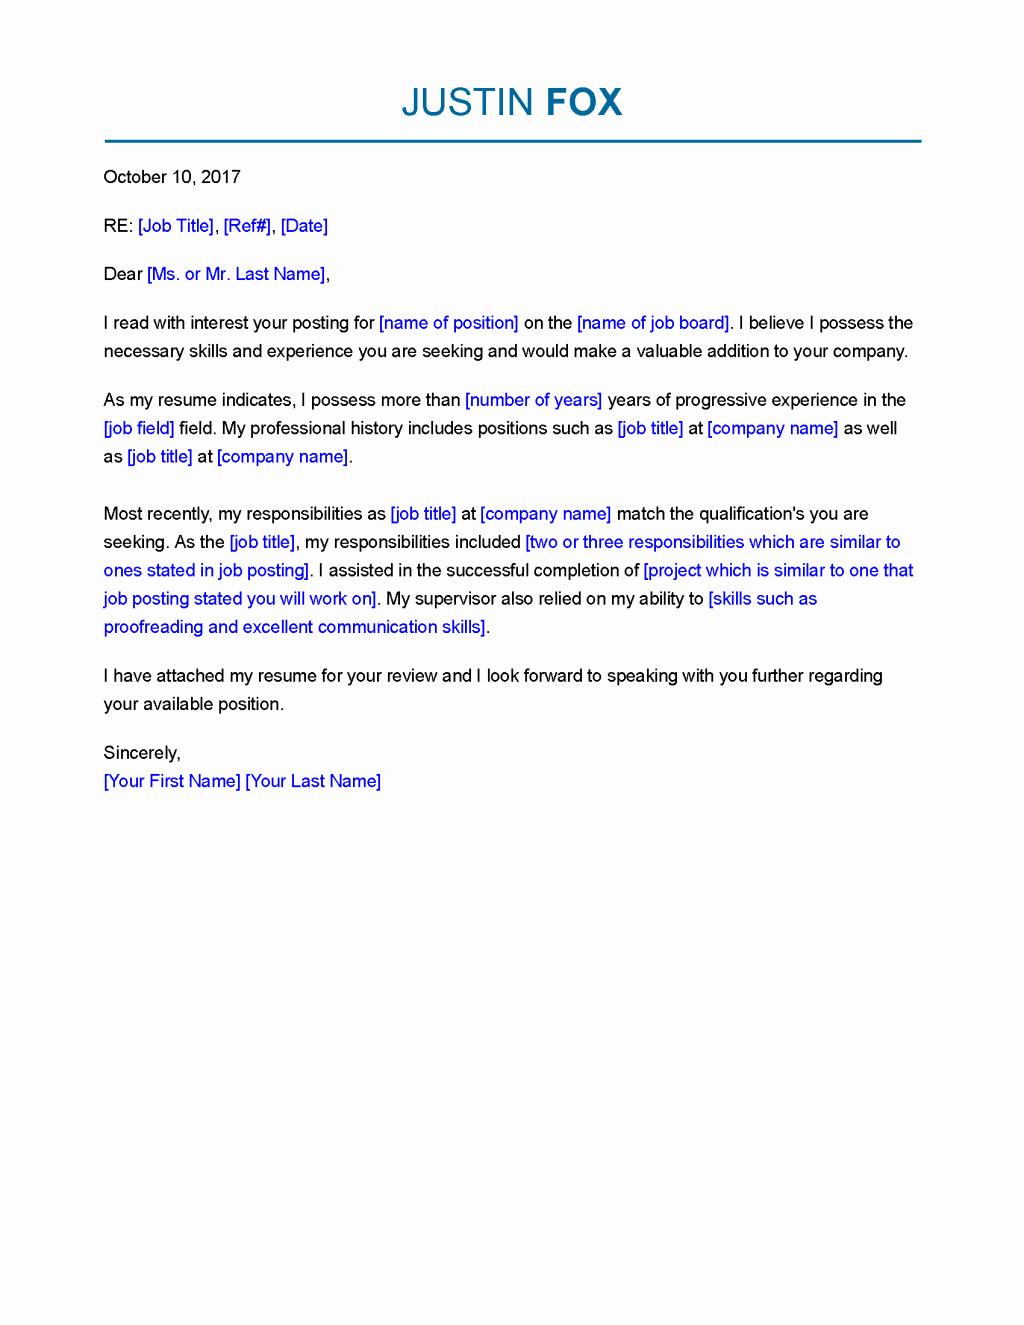 Resume Cover Letter Word Template Elegant Resume and Template 59 Resume Cover Letter Template